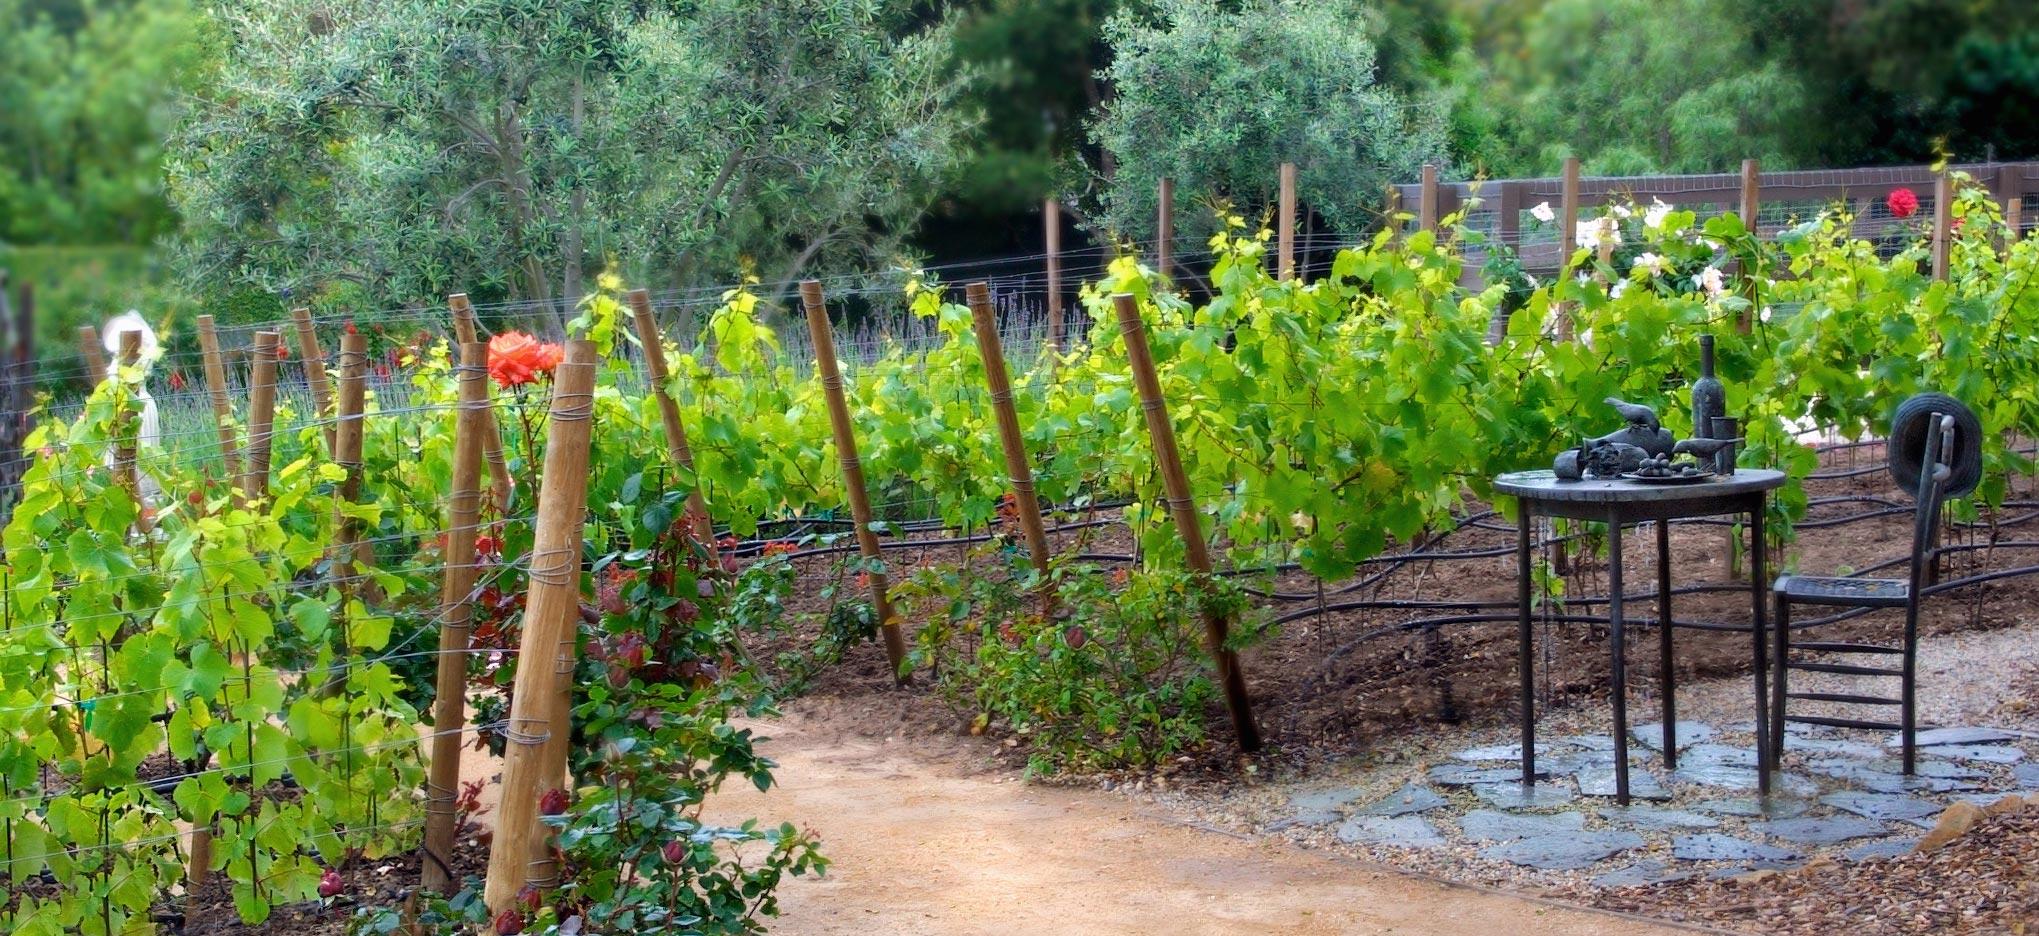 4-vineyard.jpg